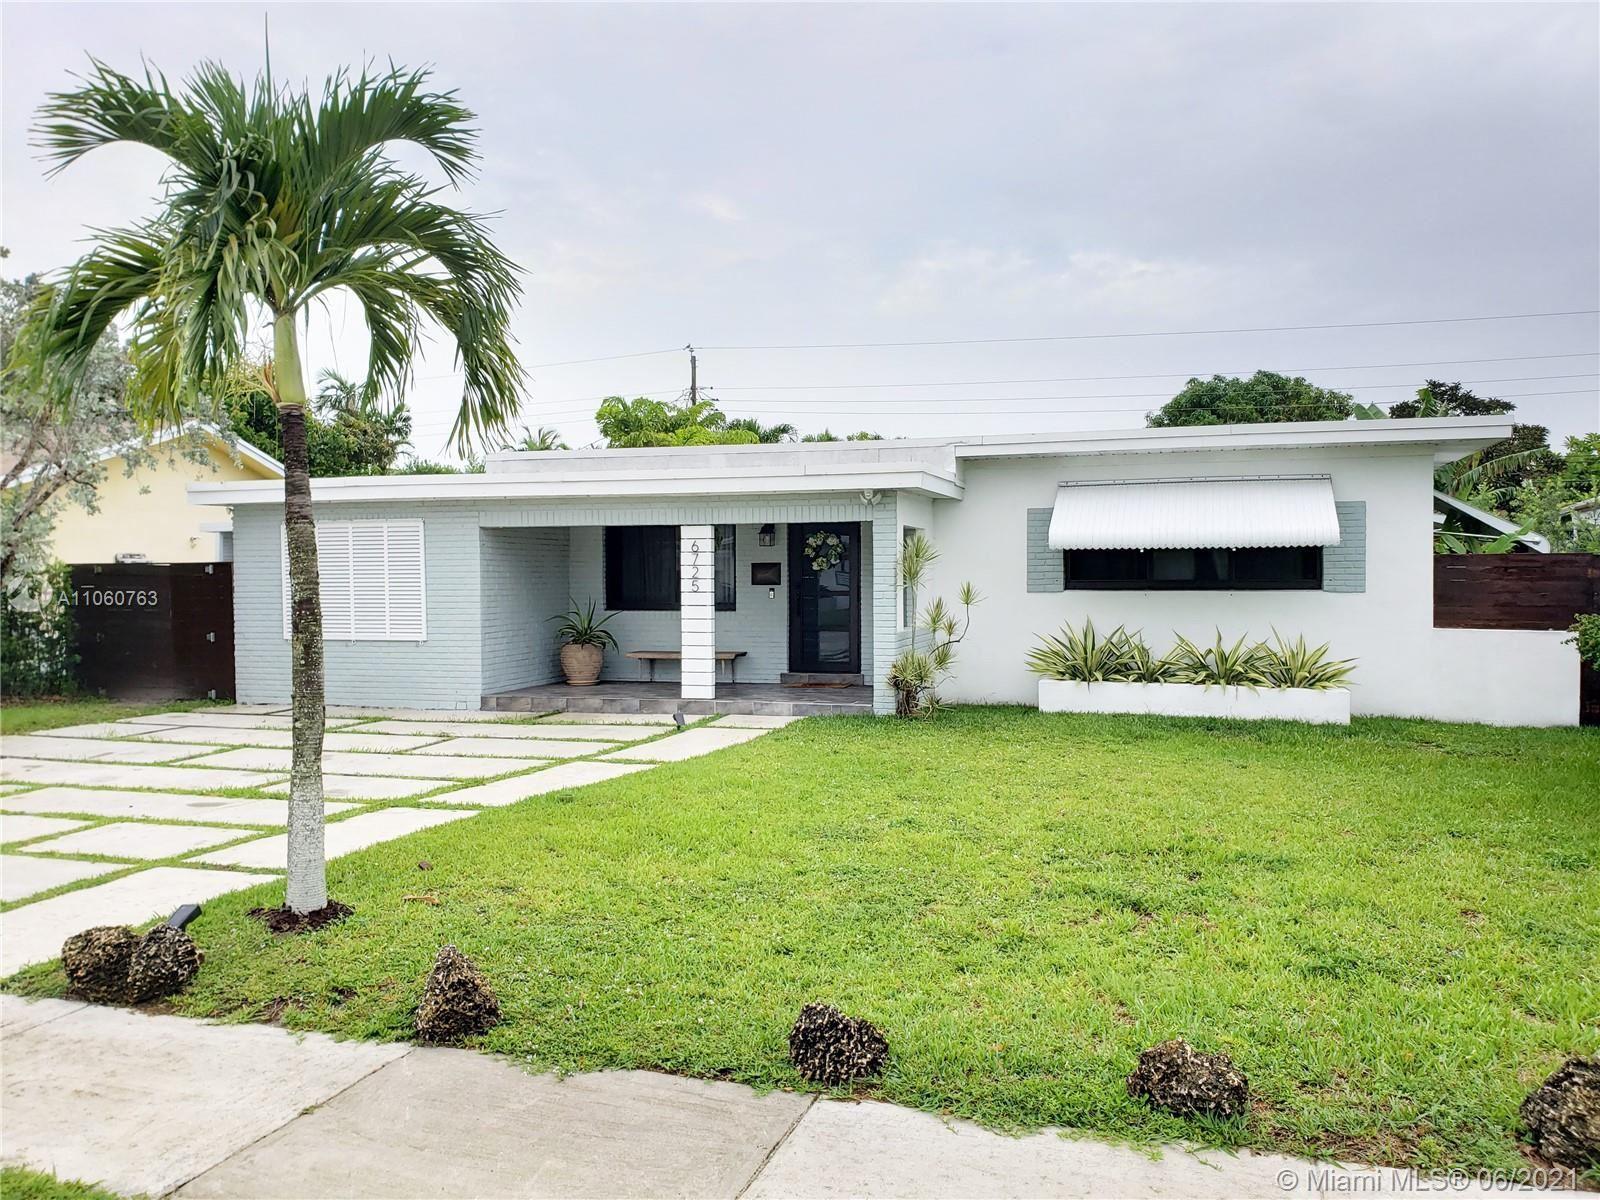 6725 SW 27th St, Miami, FL 33155 - #: A11060763